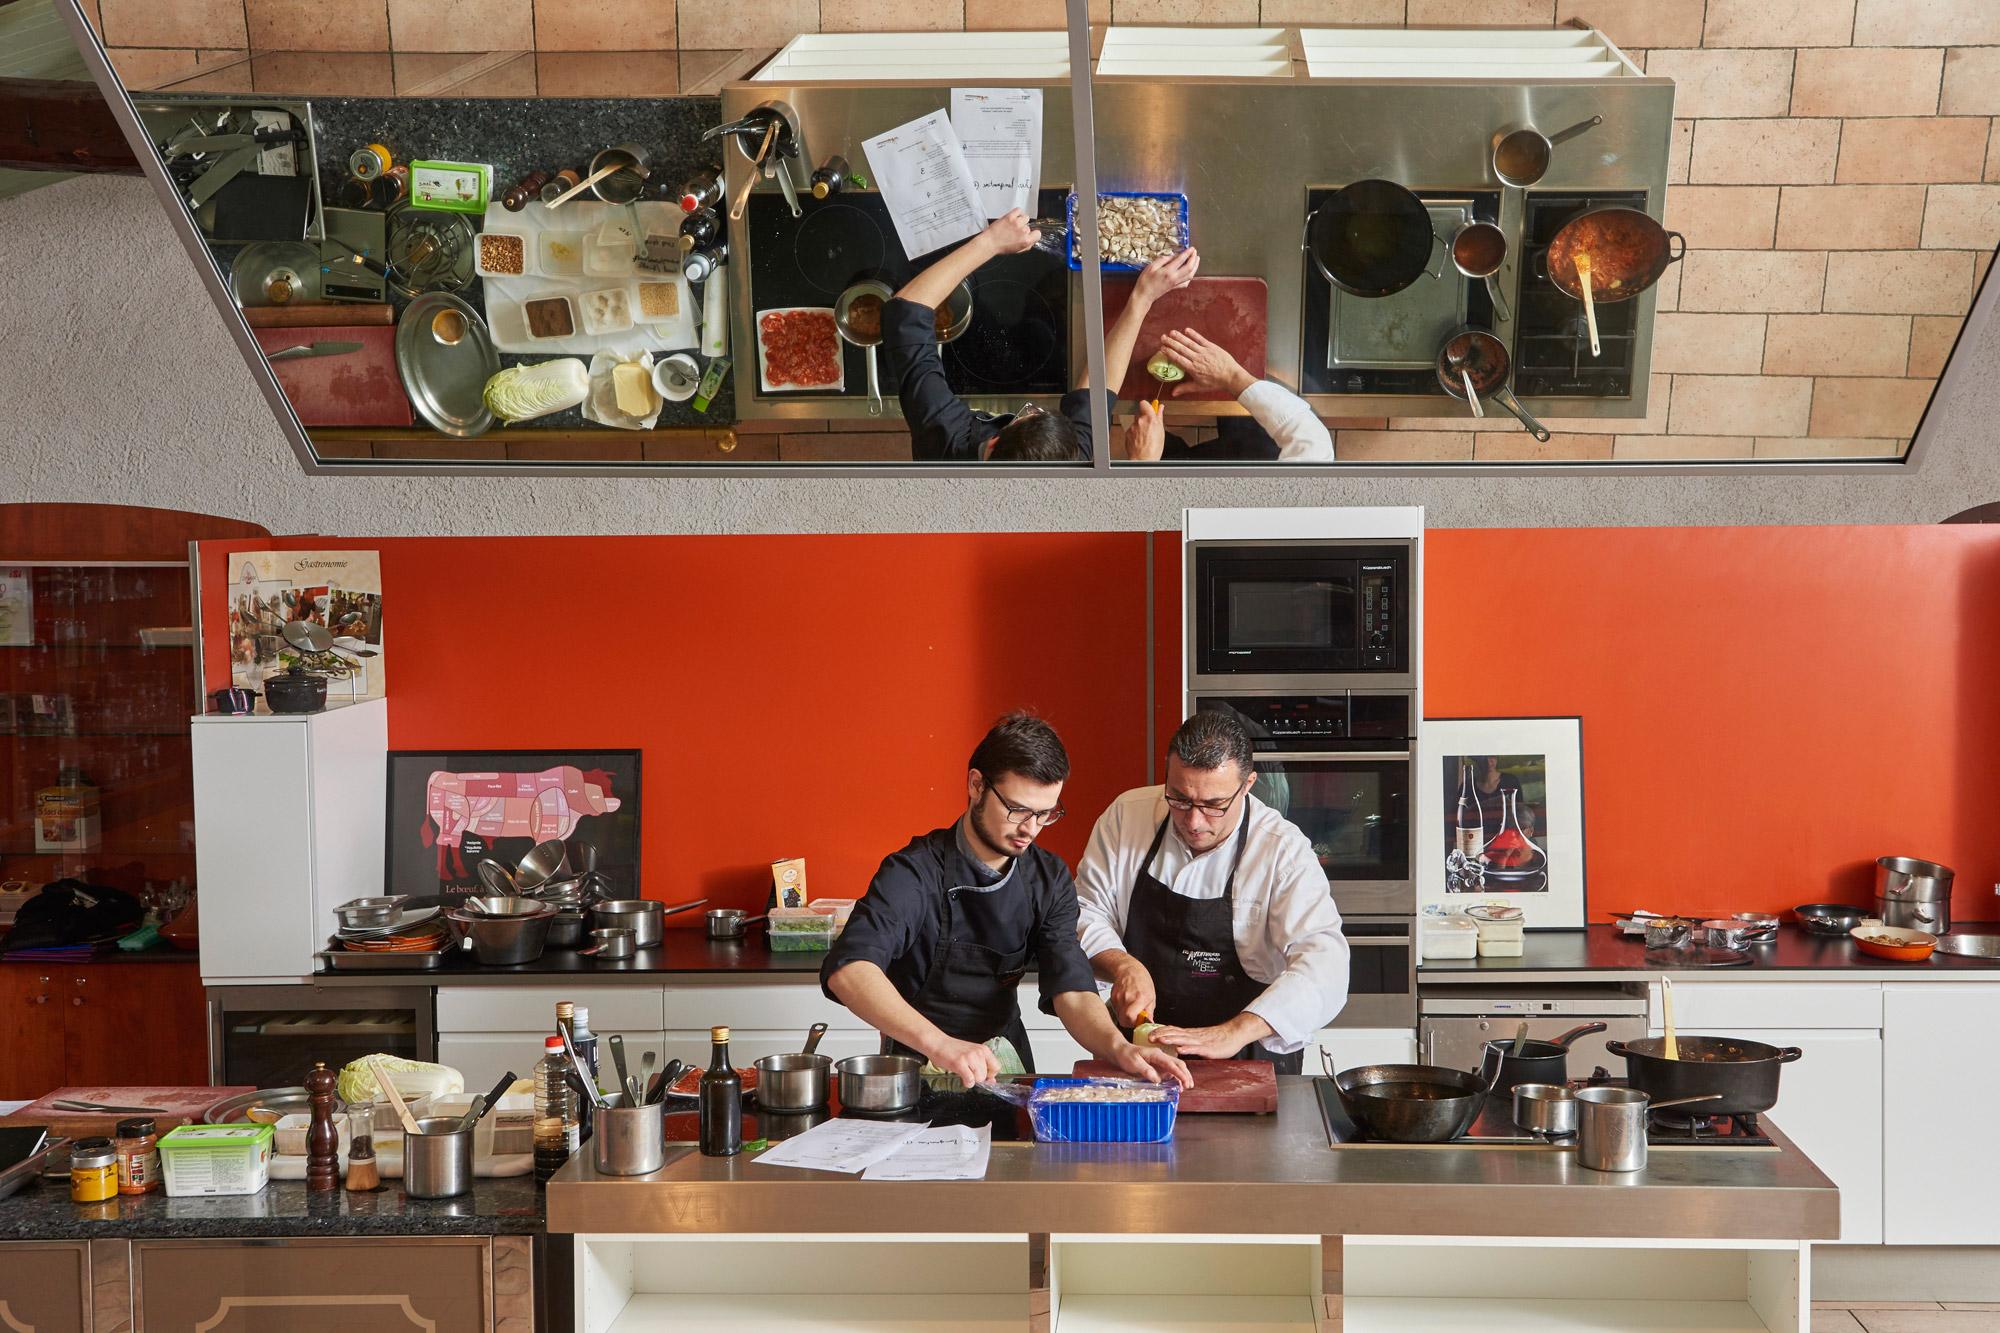 Grande cuisine servant aux cours de cuisine, dans laquelle 2 chefs sont en train de réaliser une découpe de viande.